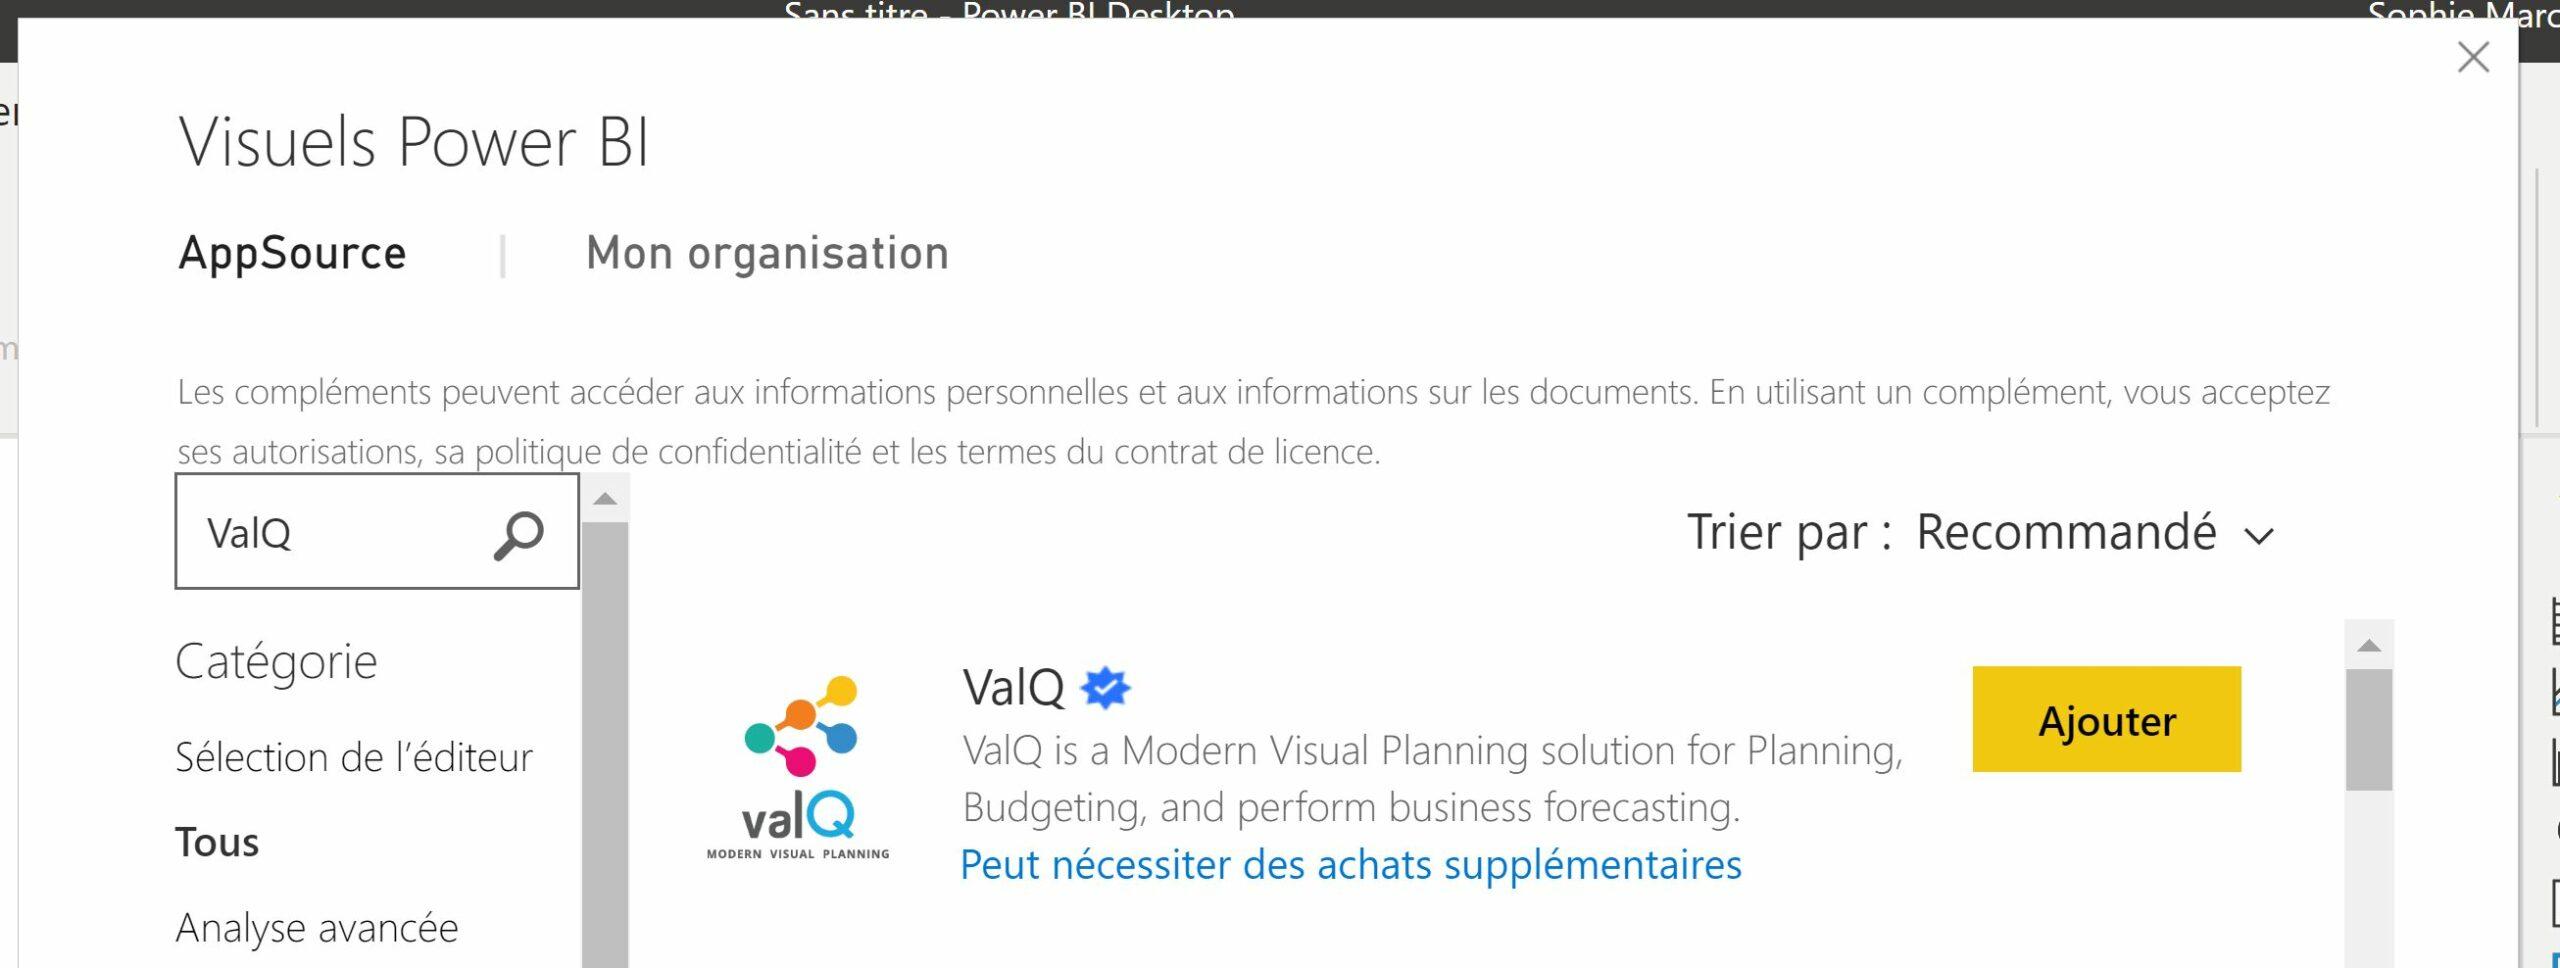 Power BI : Découvrir le visuel personnalisé ValQ